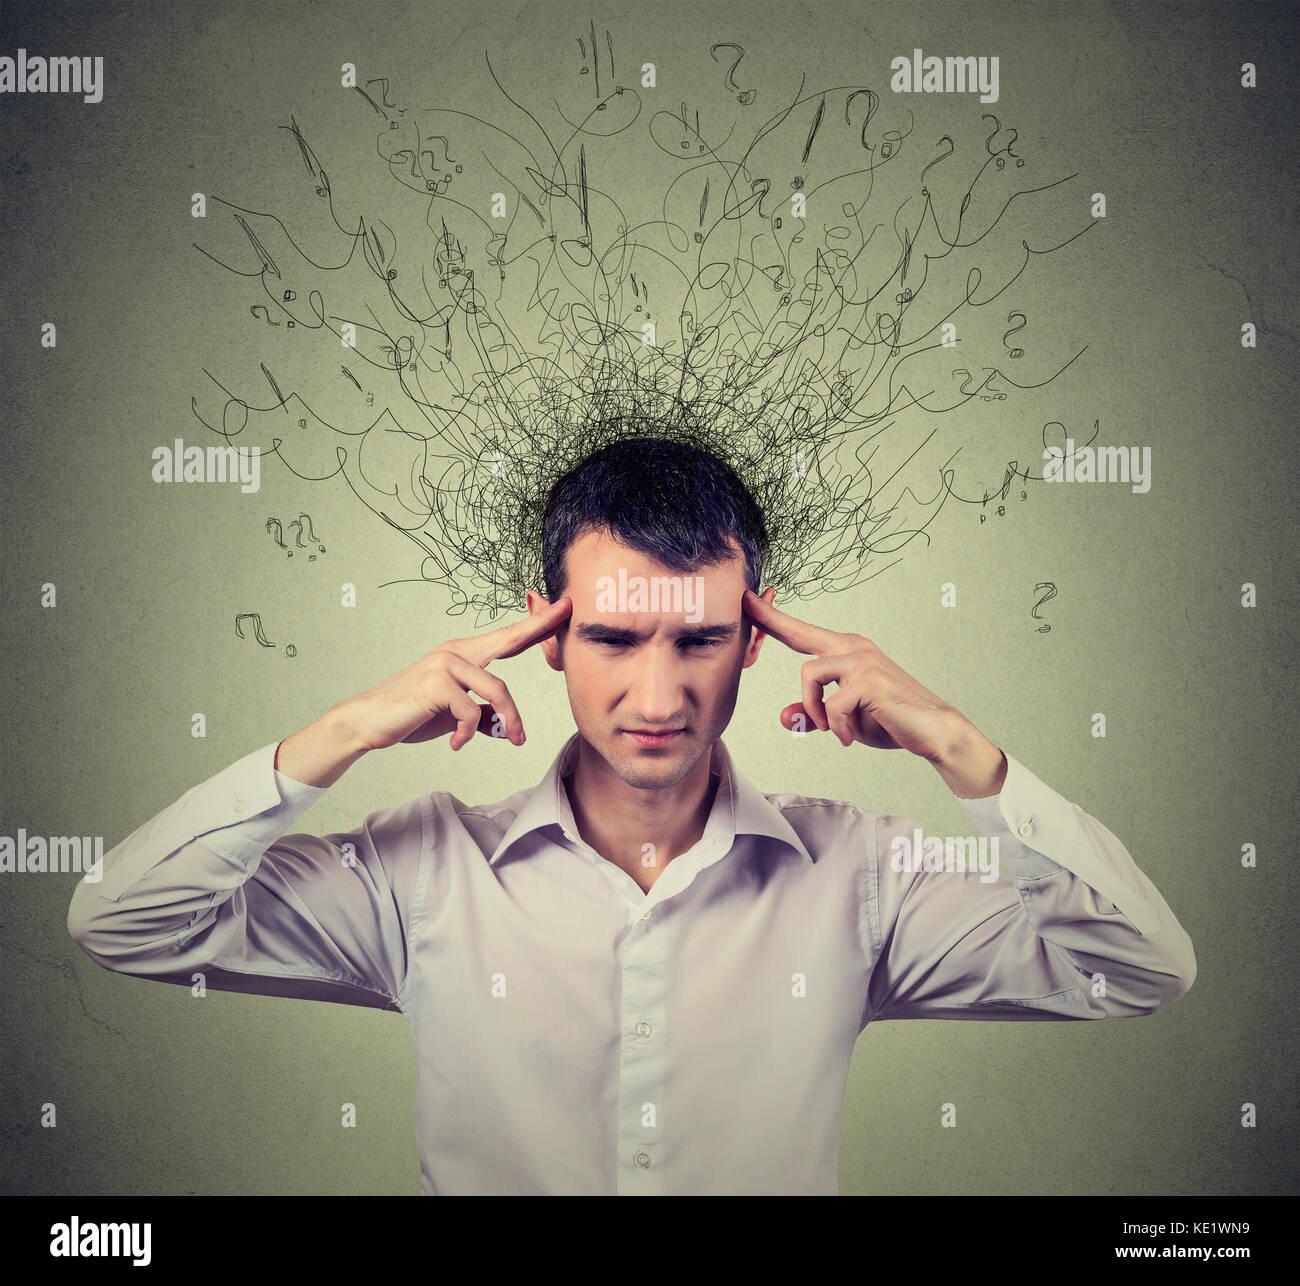 Closeup triste joven con expresión de cara destacó preocupados y derretimiento de cerebro en líneas Imagen De Stock